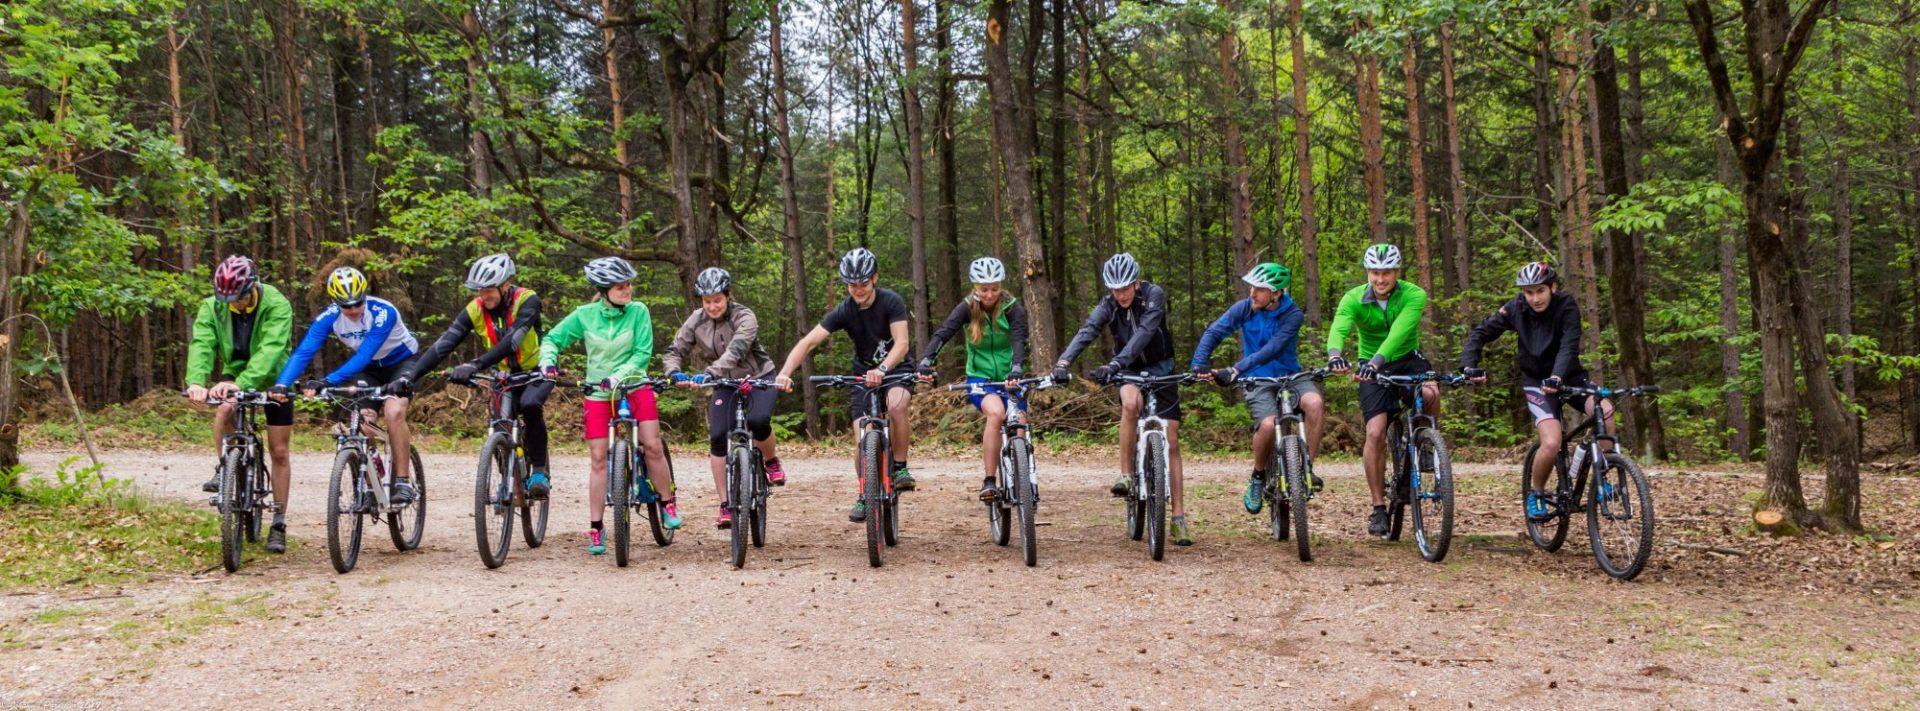 Bergsteigertipp: Fahrtechnik Mountainbike